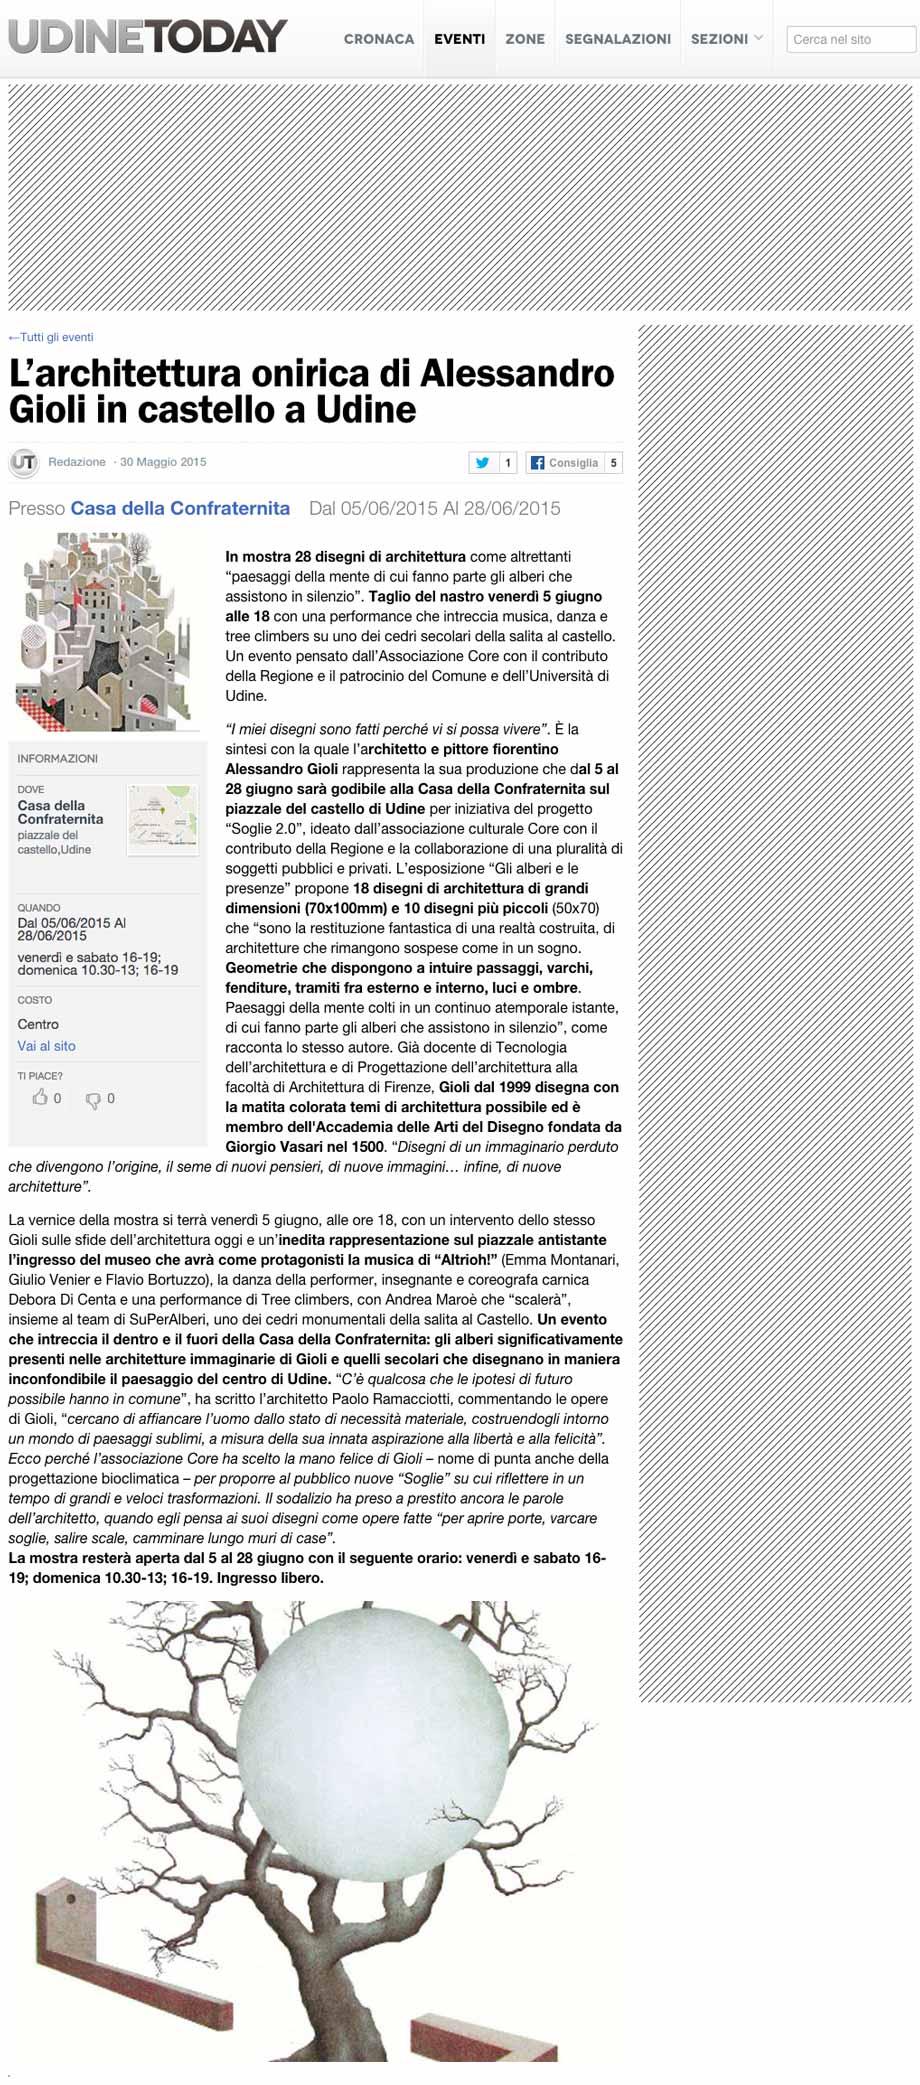 UdineToday: L'architettura onirica di Alessandro Gioli